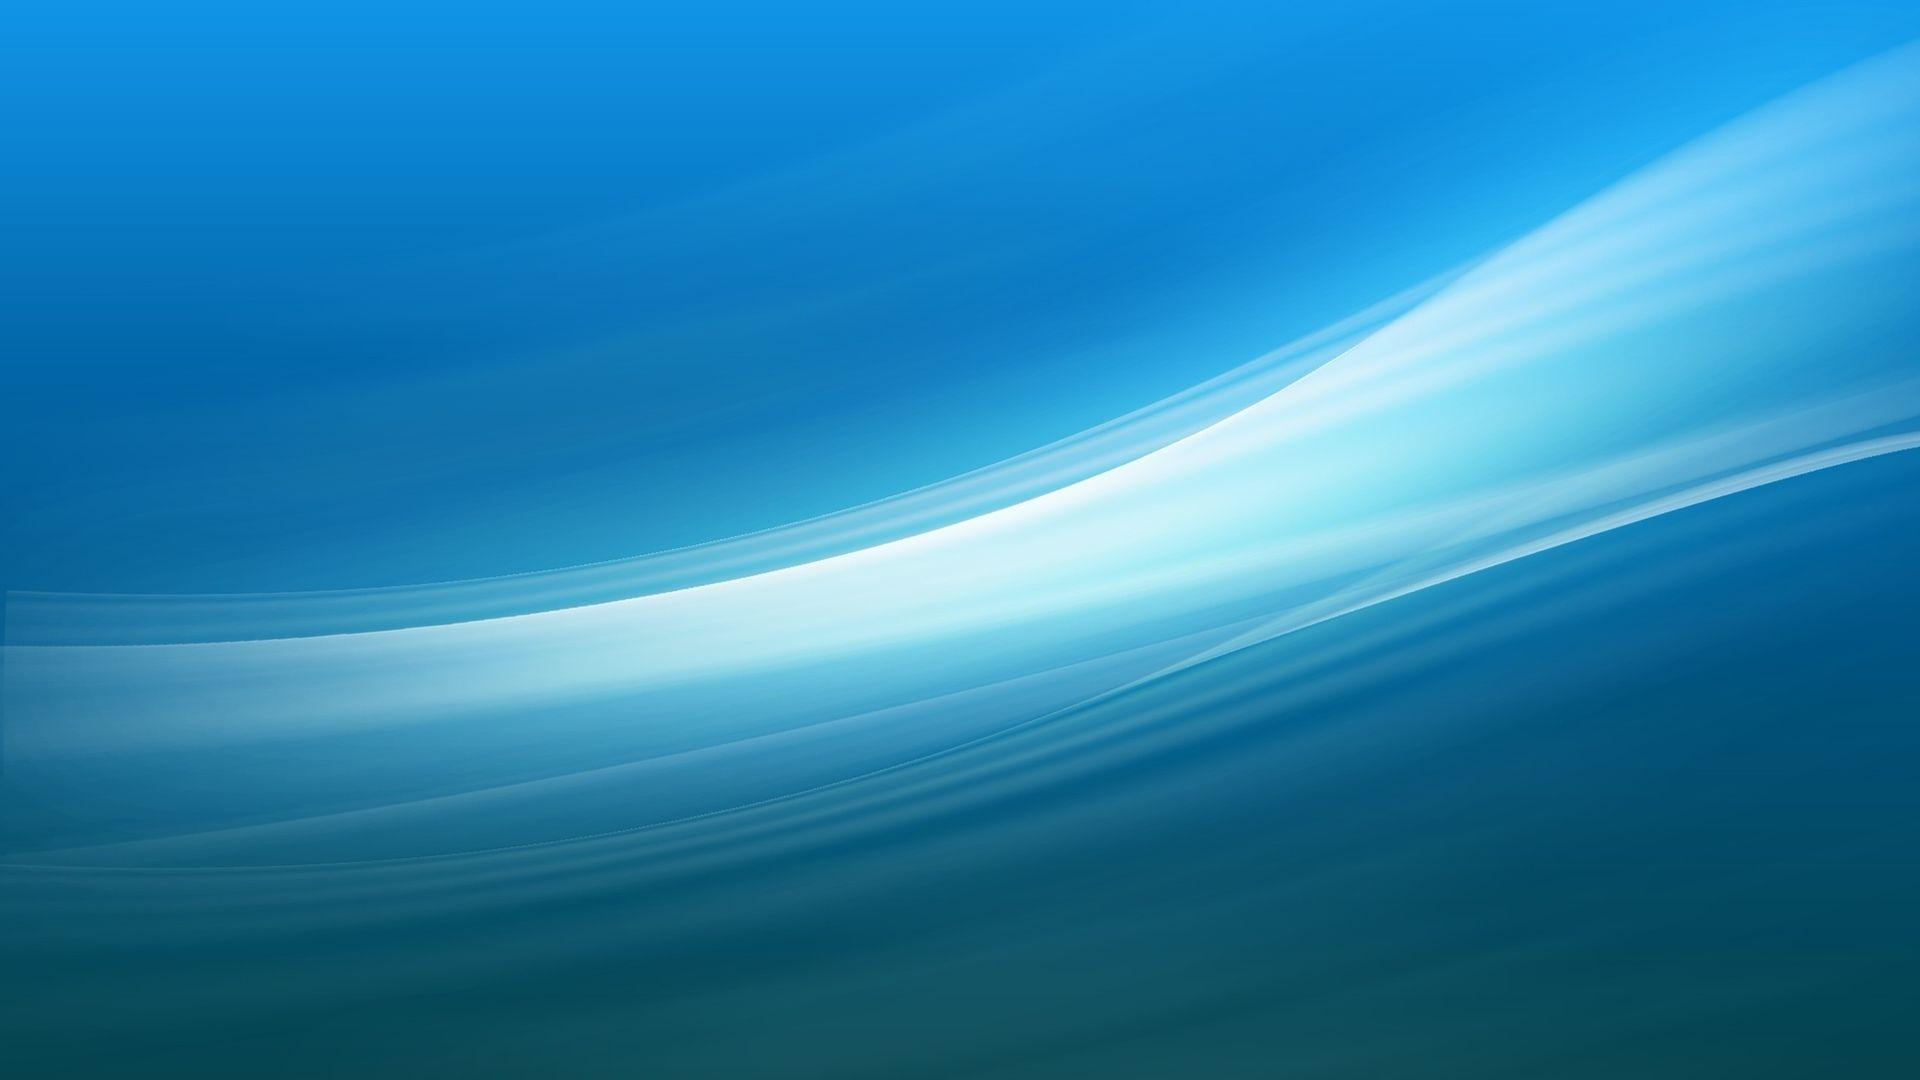 Blue Line desktop background free